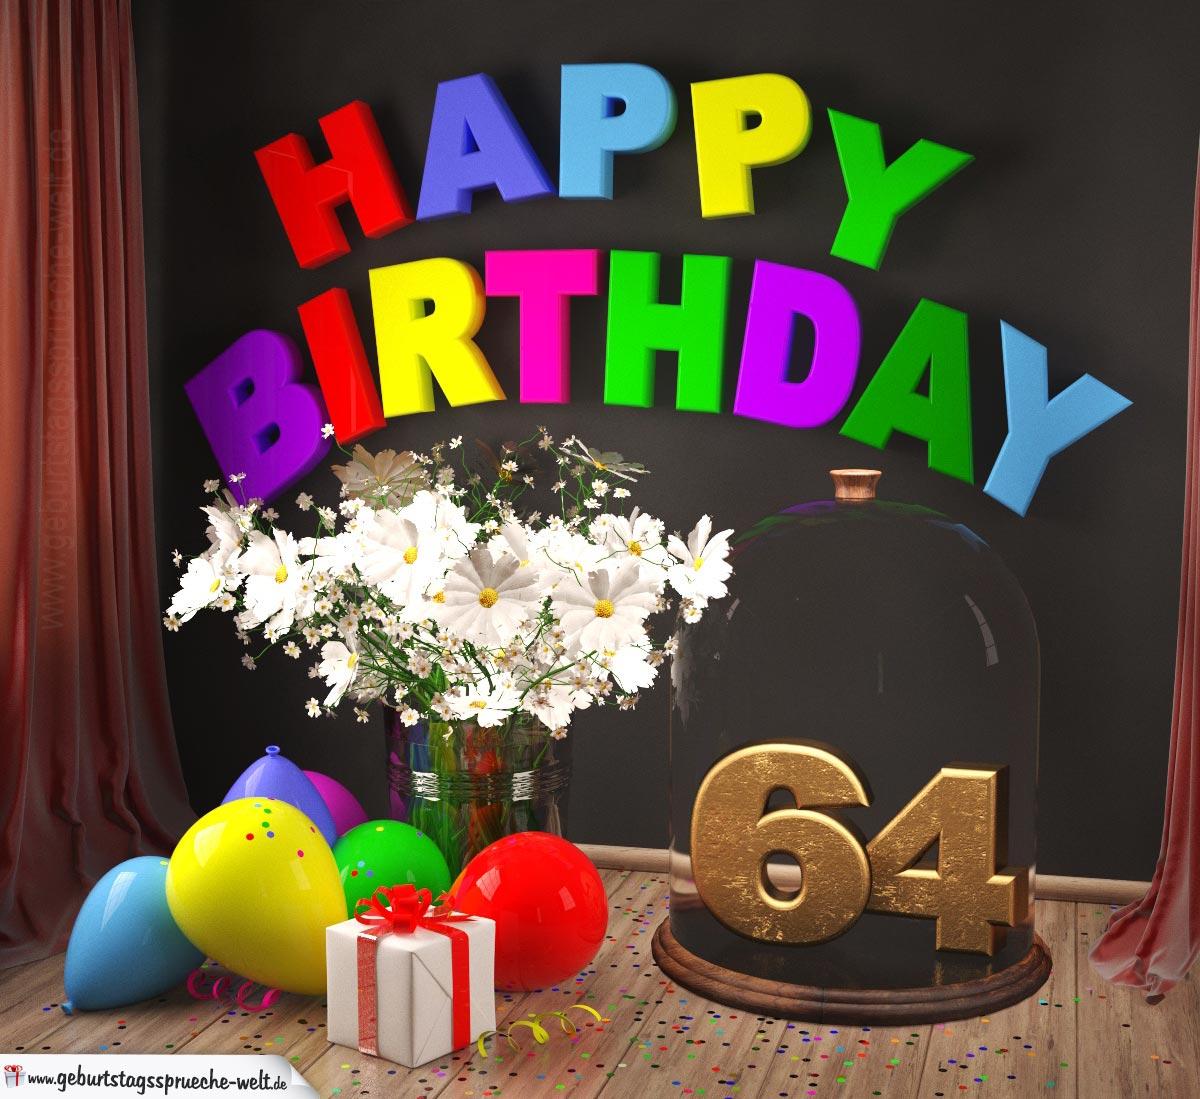 Happy Birthday 64 Jahre Glückwunschkarte mit Margeriten-Blumenstrauß, Luftballons und Geschenk unter Glasglocke